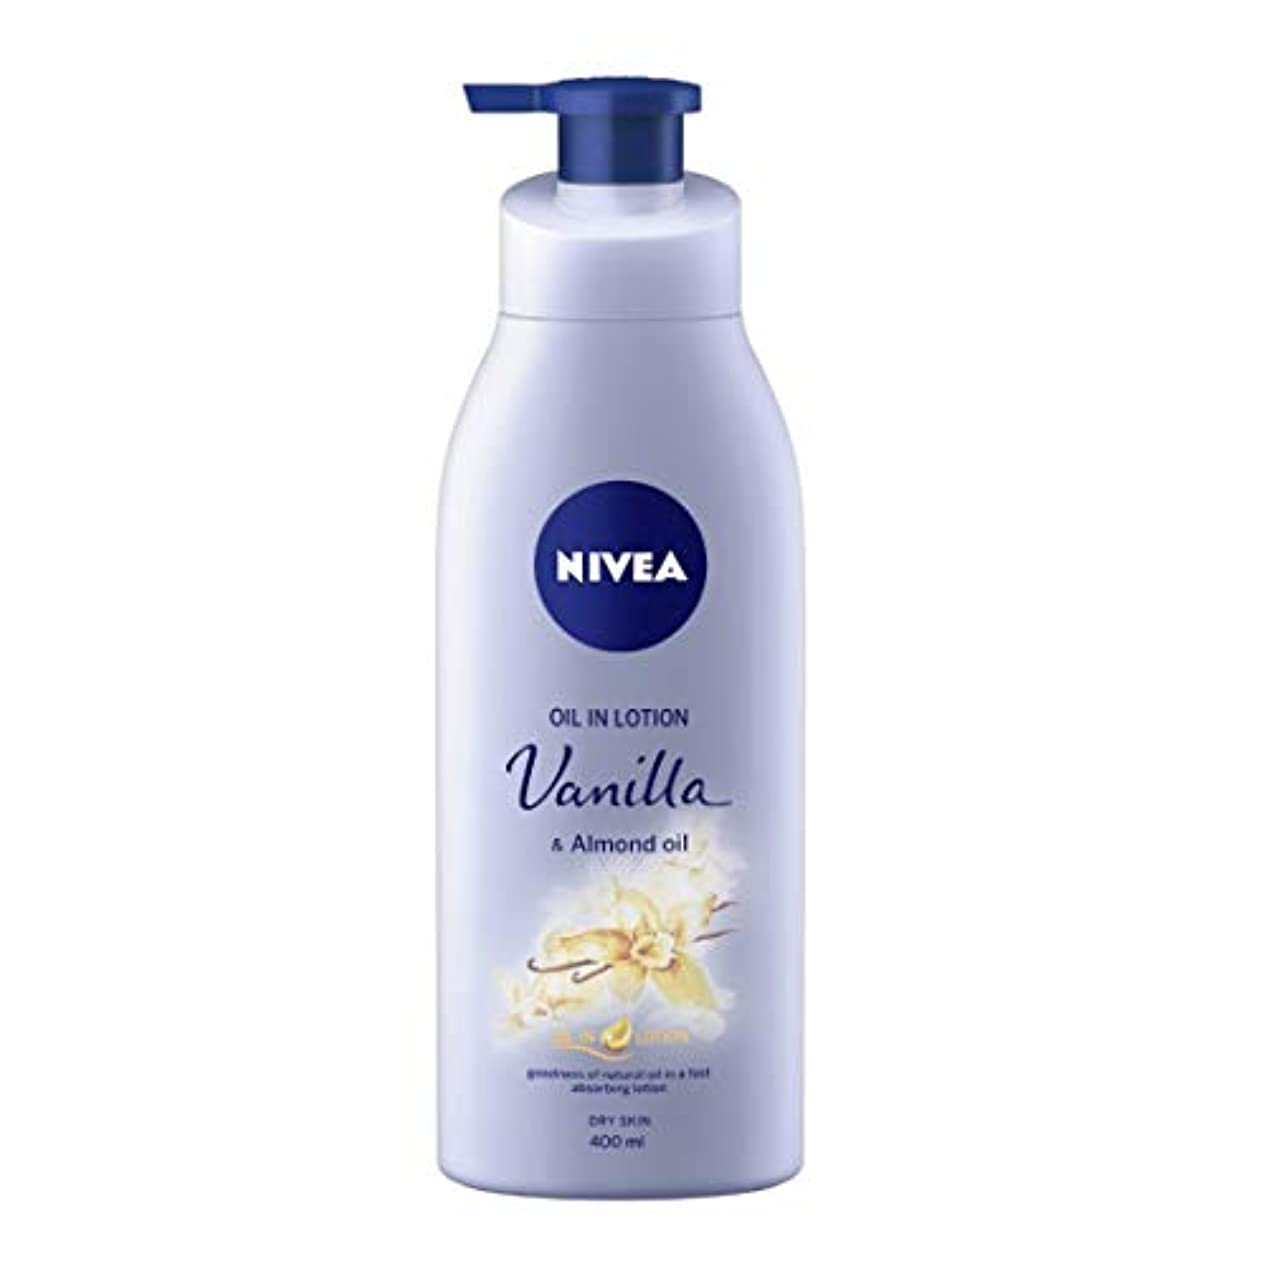 反対に近似苦いNIVEA Oil in Lotion, Vanilla and Almond Oil, 400ml